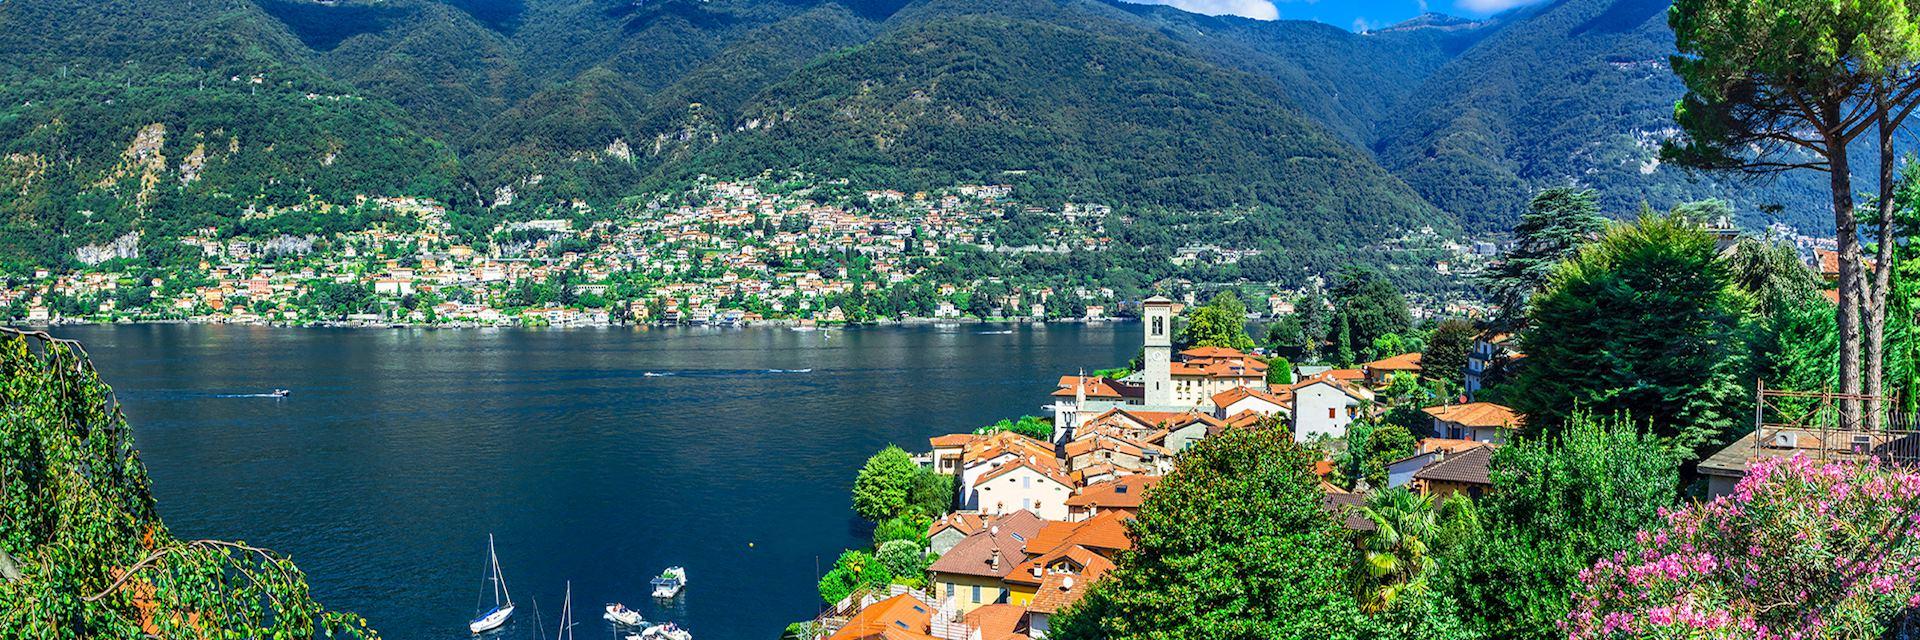 Belvio, Lake Como